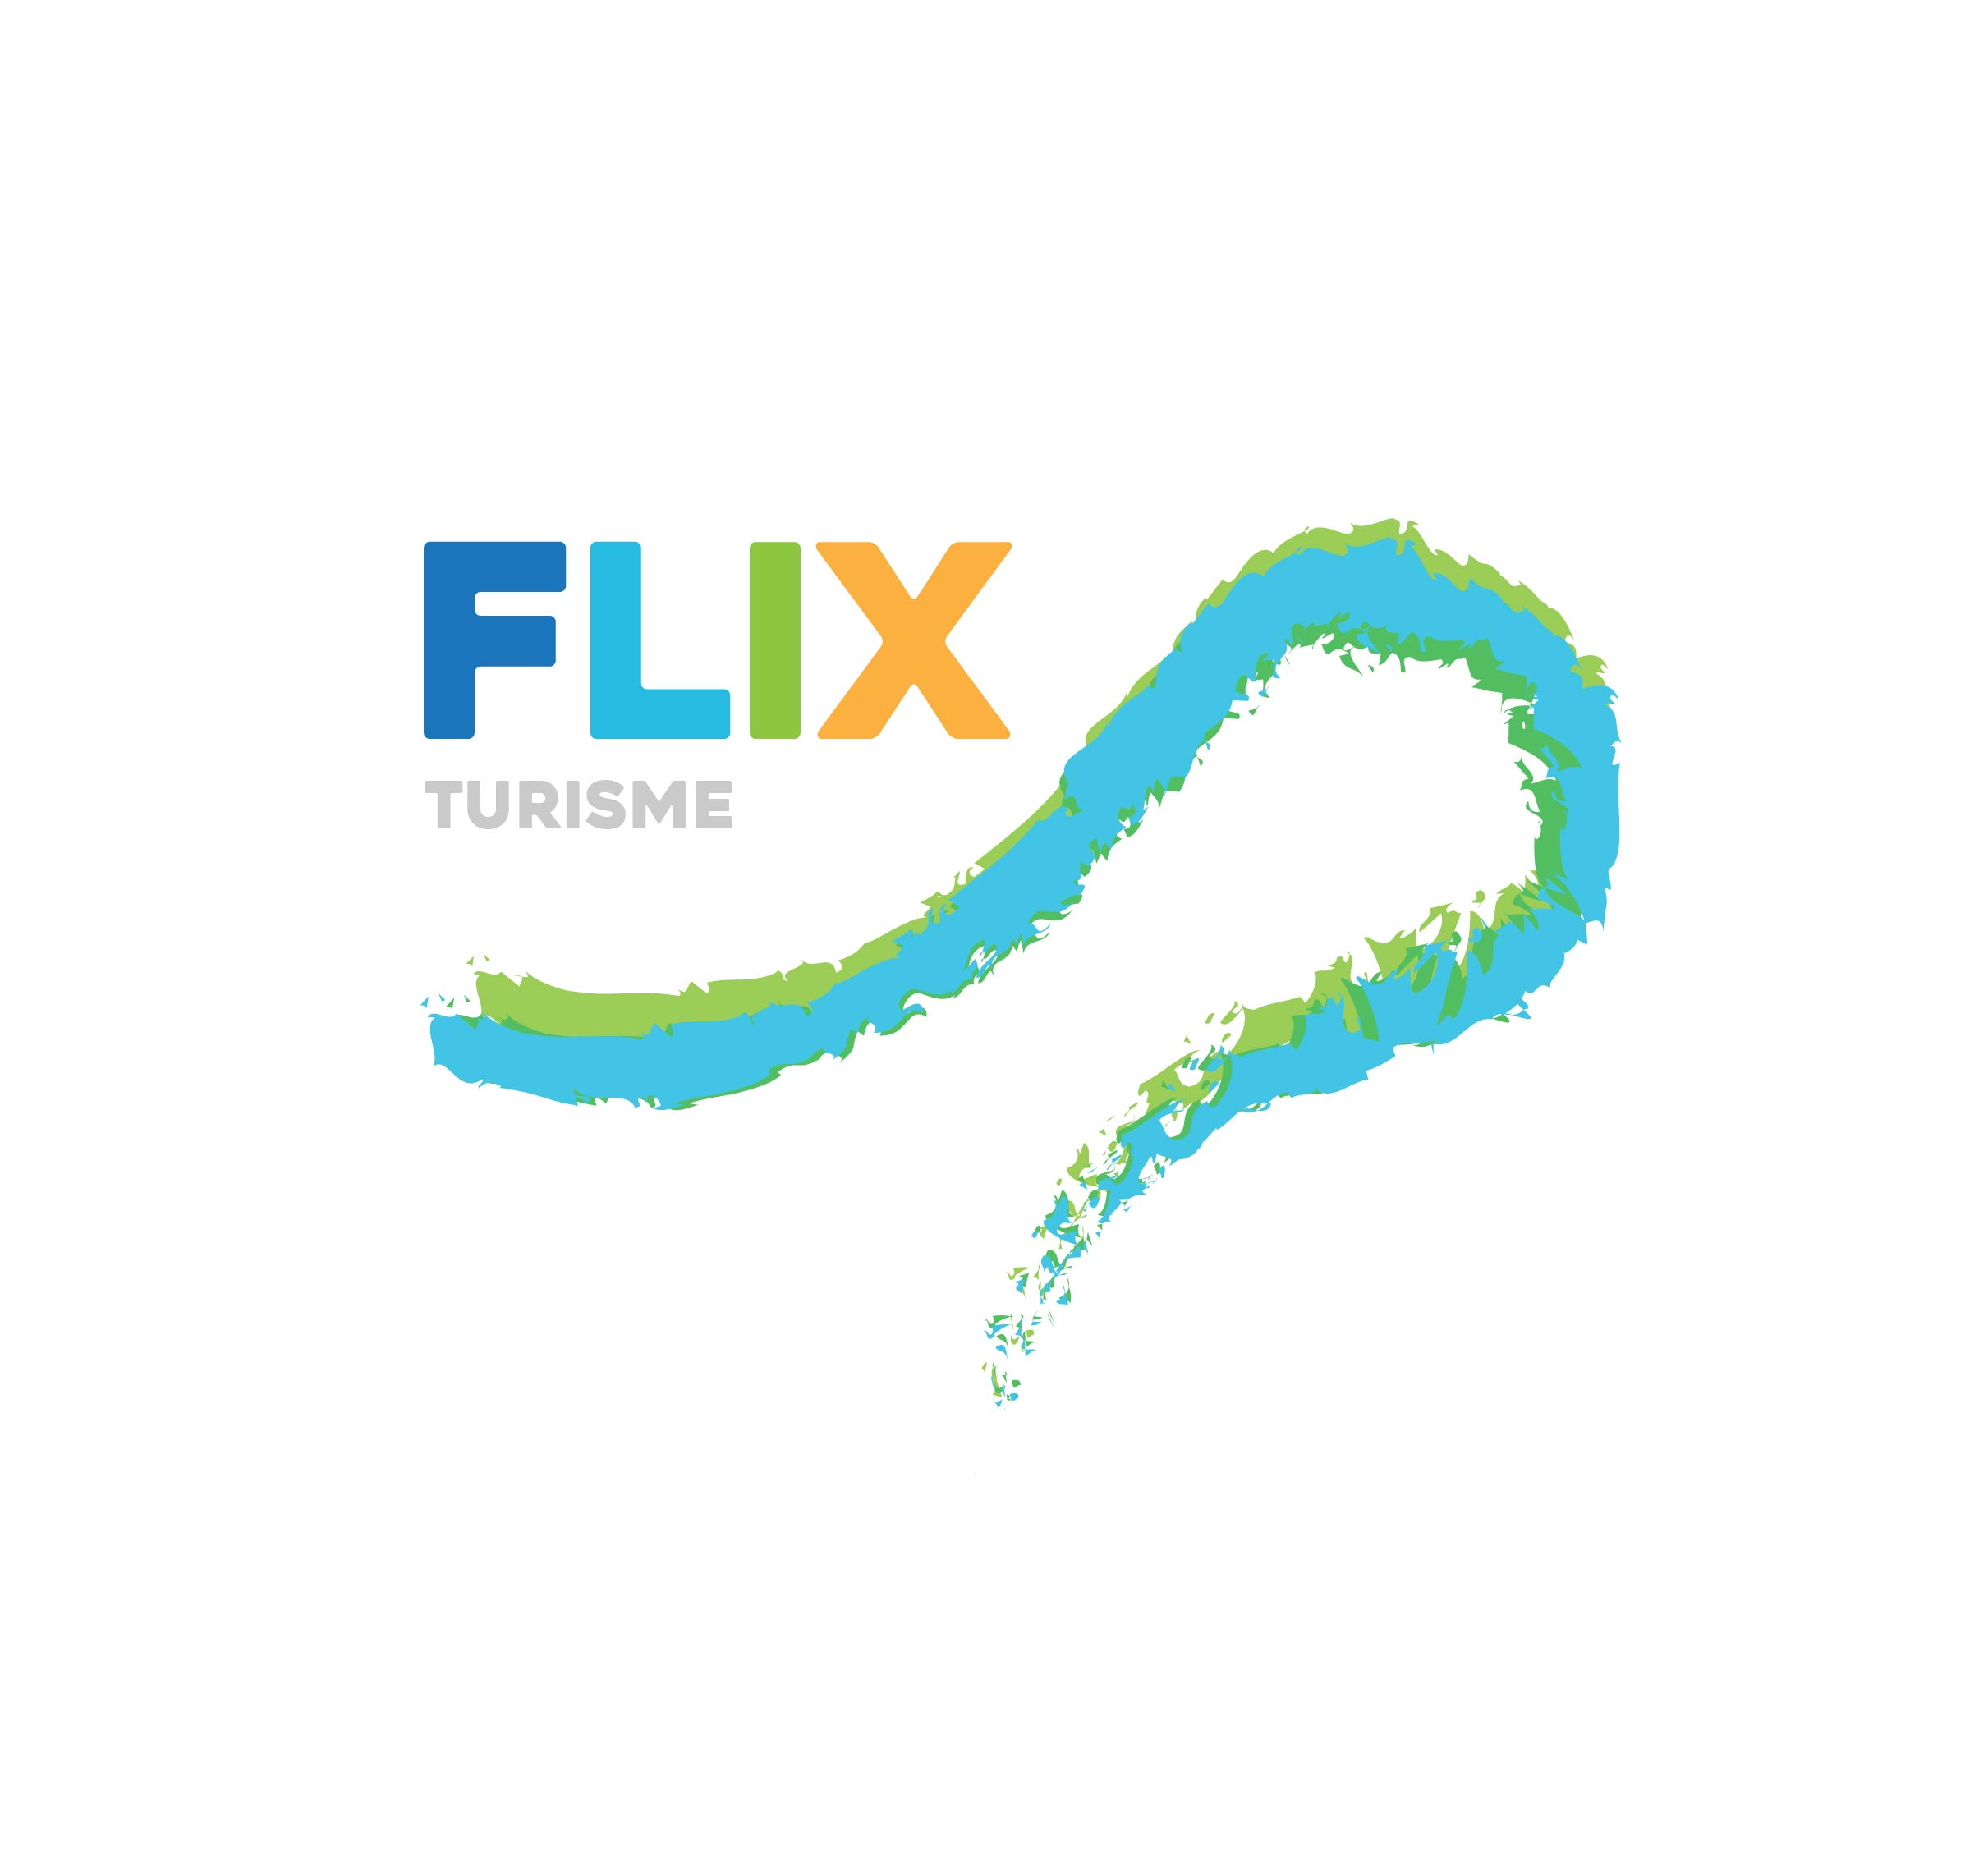 Flix Turisme